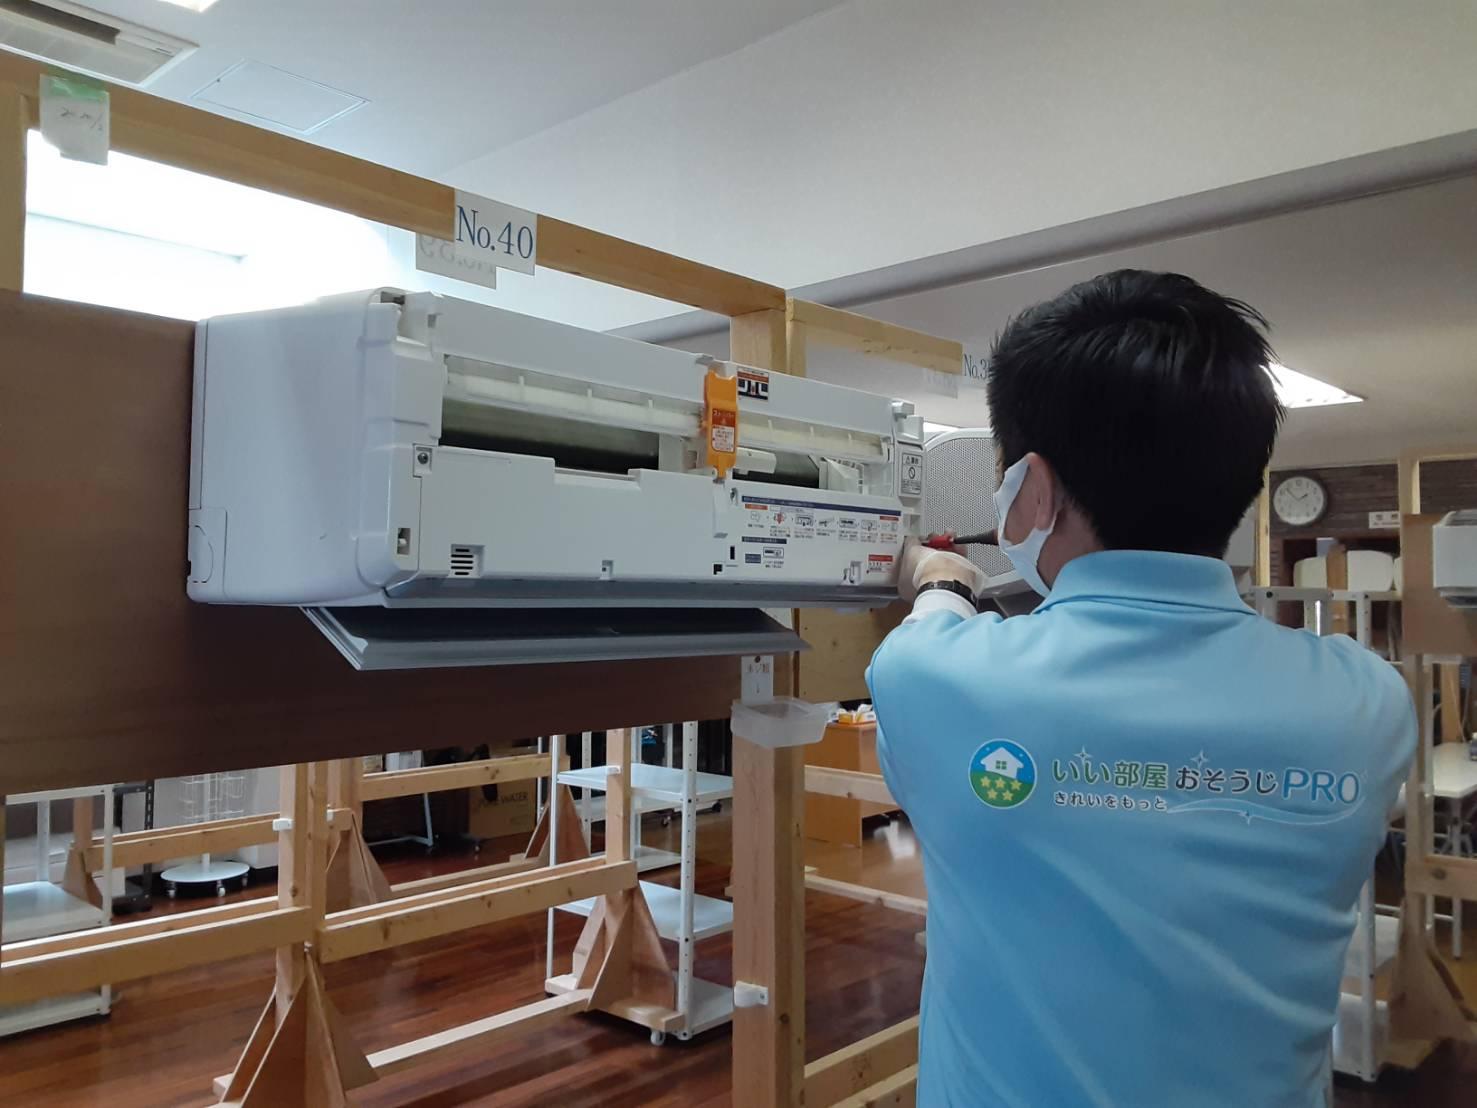 エアコンクリーニング協会のお掃除機能付き分解講習